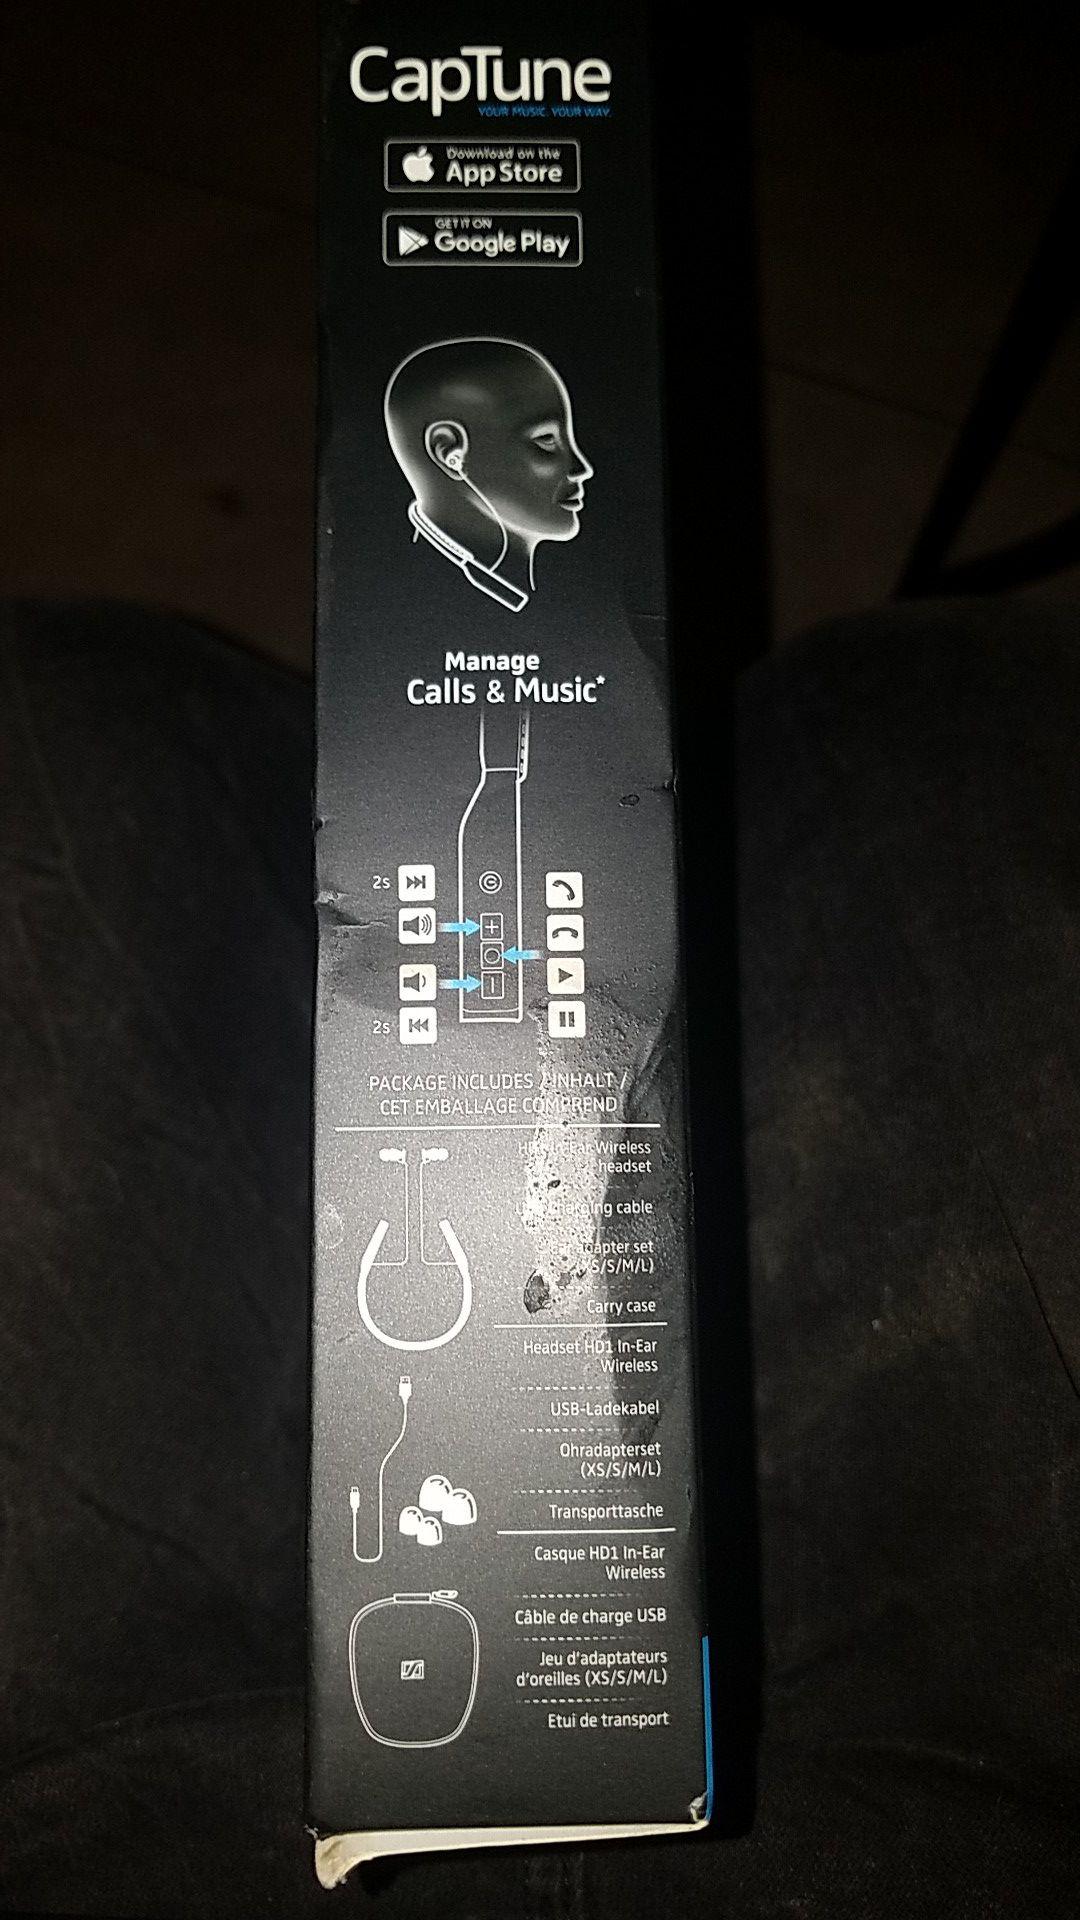 Sennheiser HD1 in-ear Wireless black